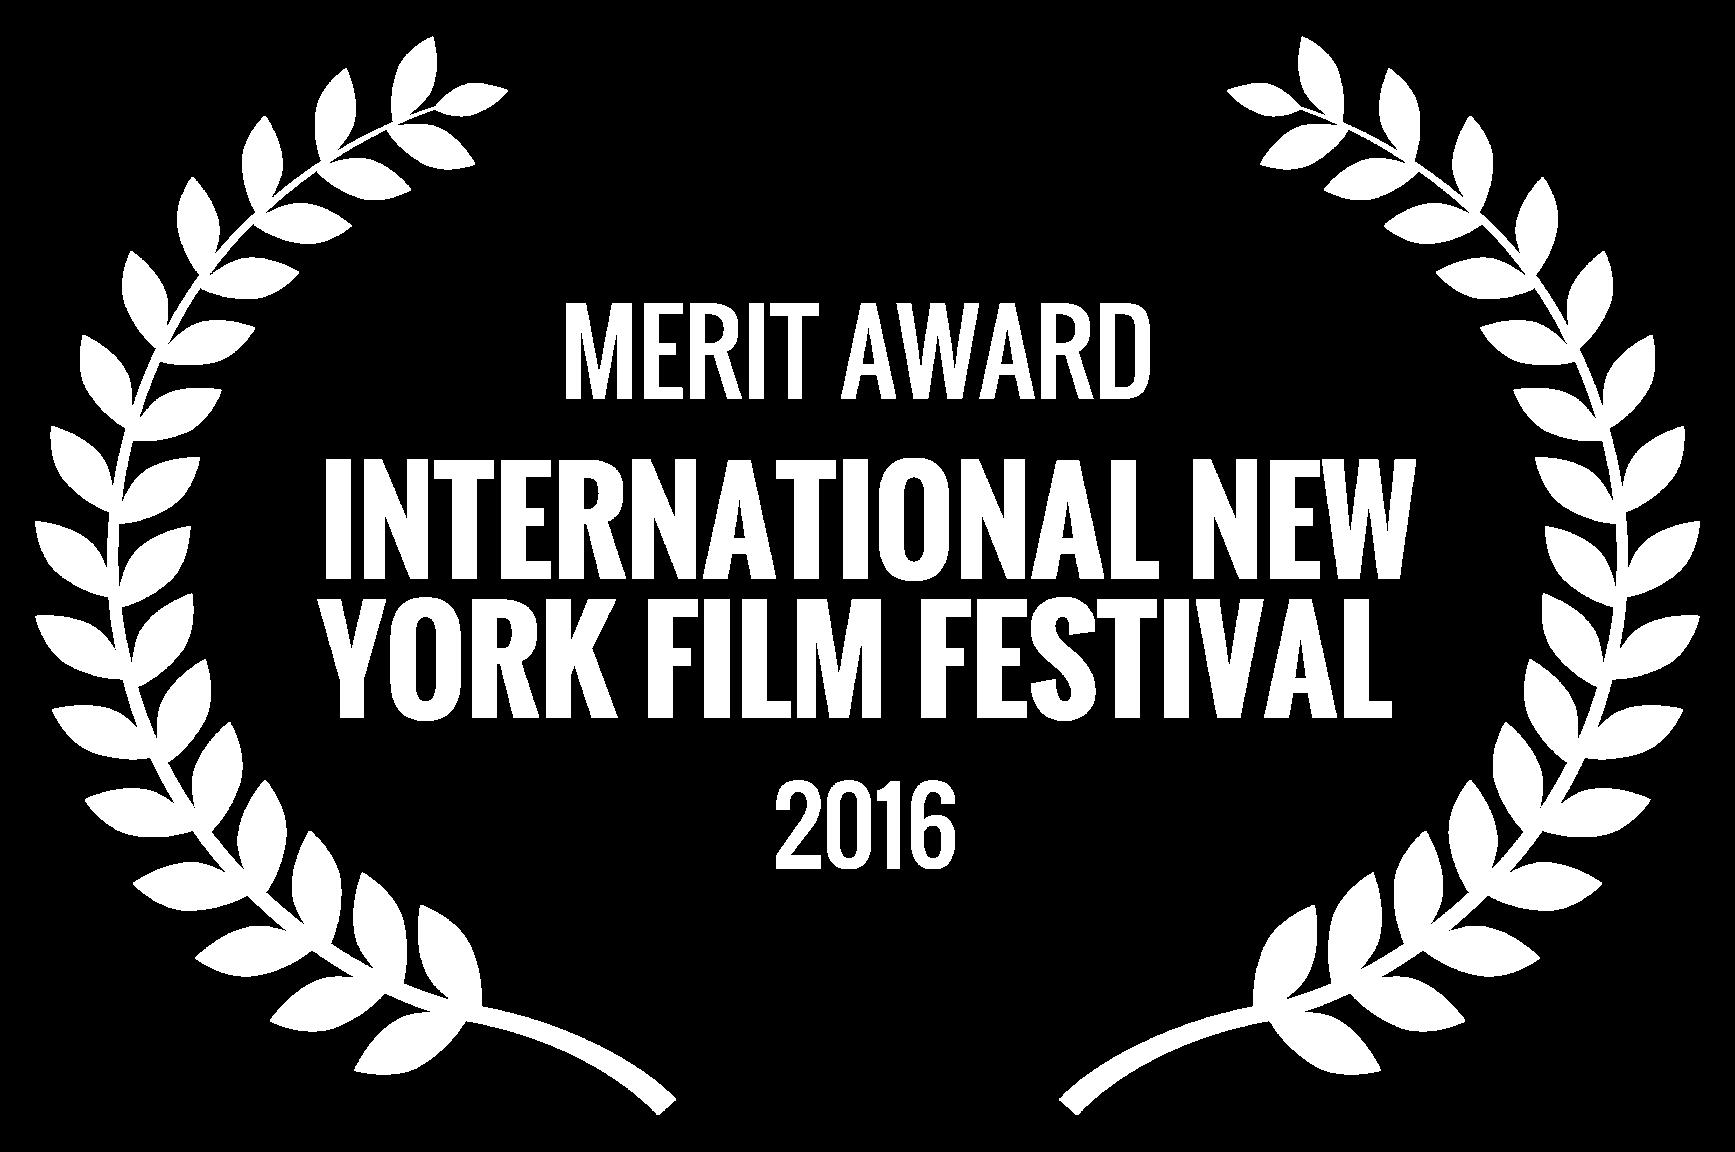 MERIT AWARD  - INTERNATIONAL NEW YORK FILM FESTIVAL  - 2016.png